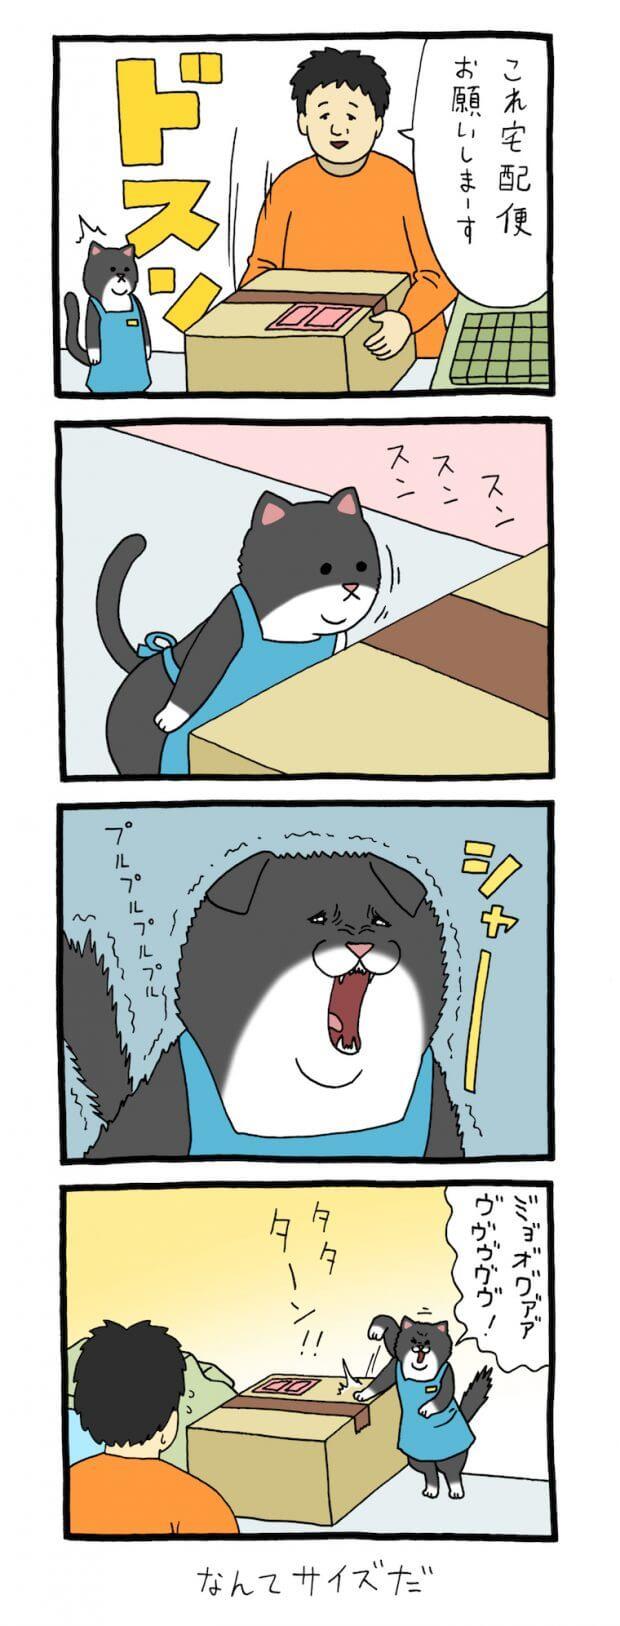 レジネコ キューライス ネコ 猫 ネコノヒー 砂岡 スキウサギ Qrais タウンワークマガジン